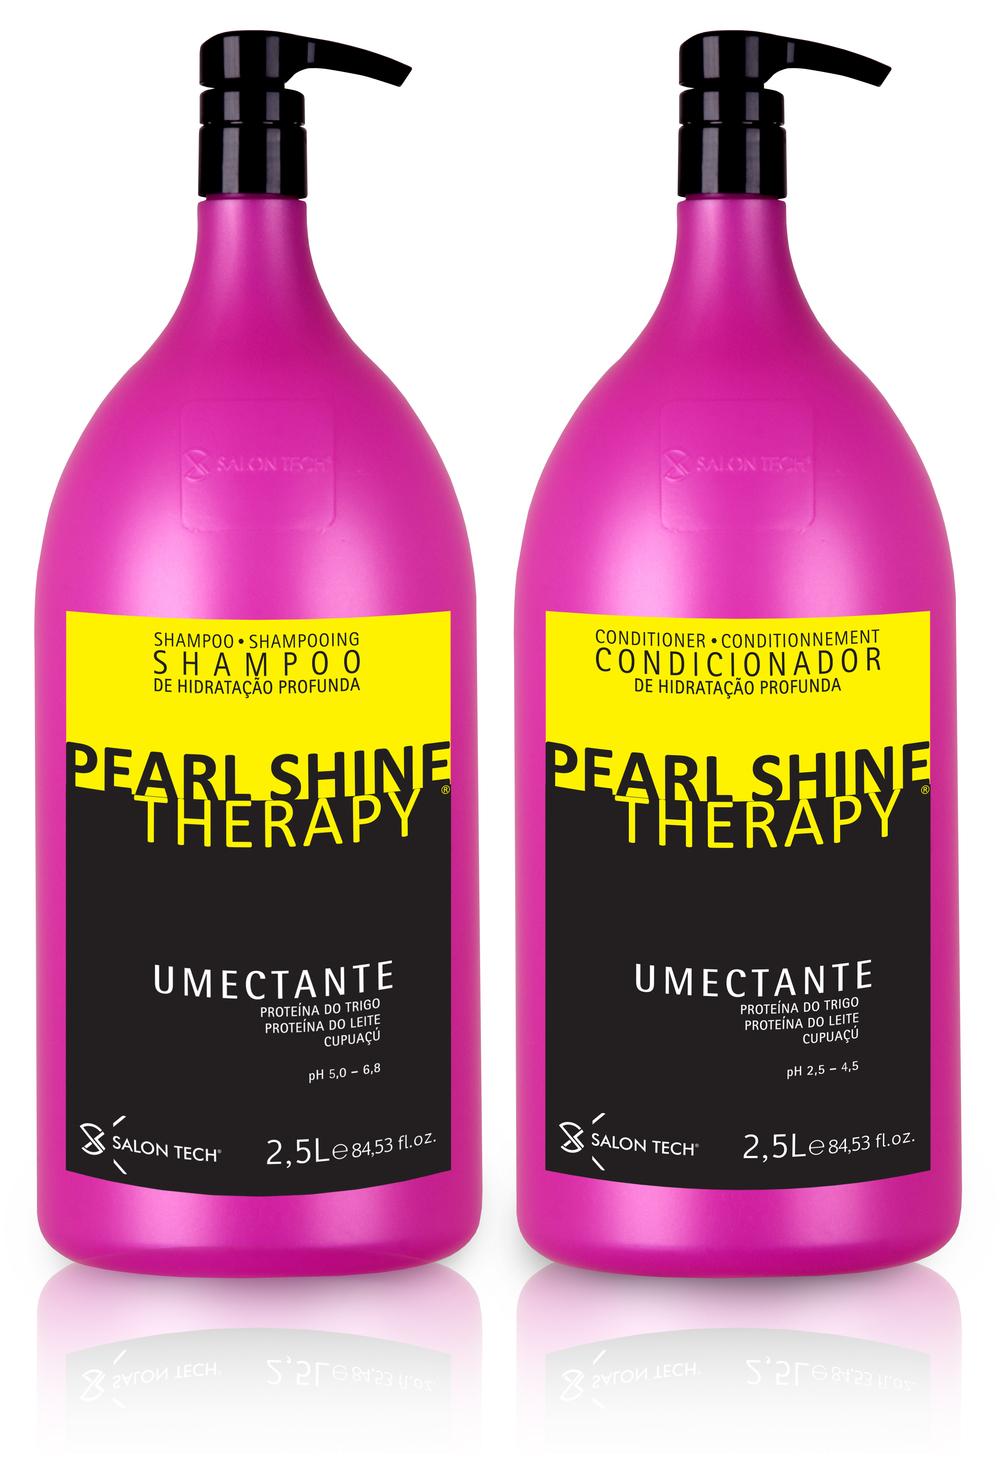 PEARL SHINE